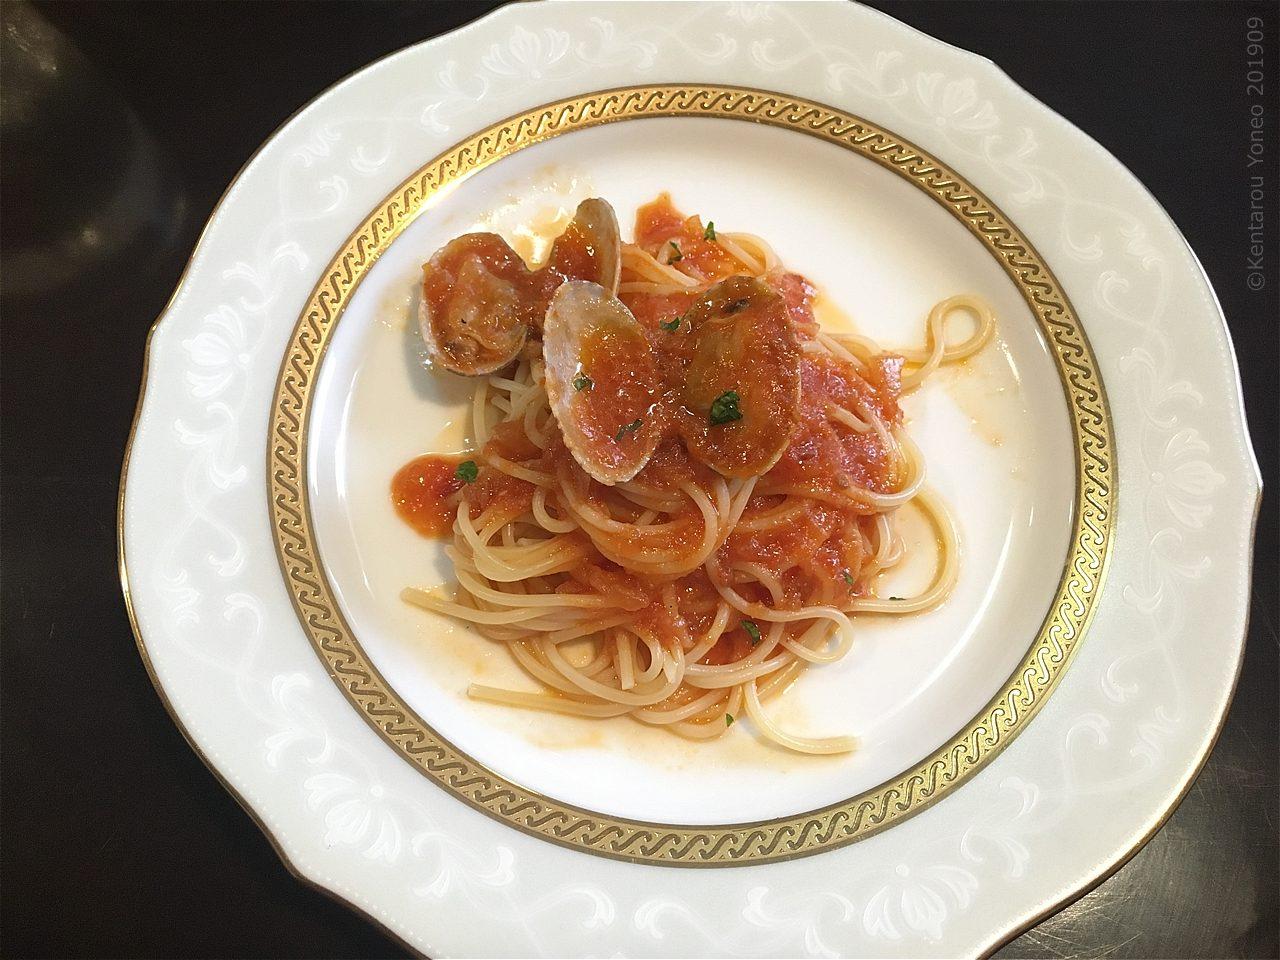 カプチーノのトマト系パスタ